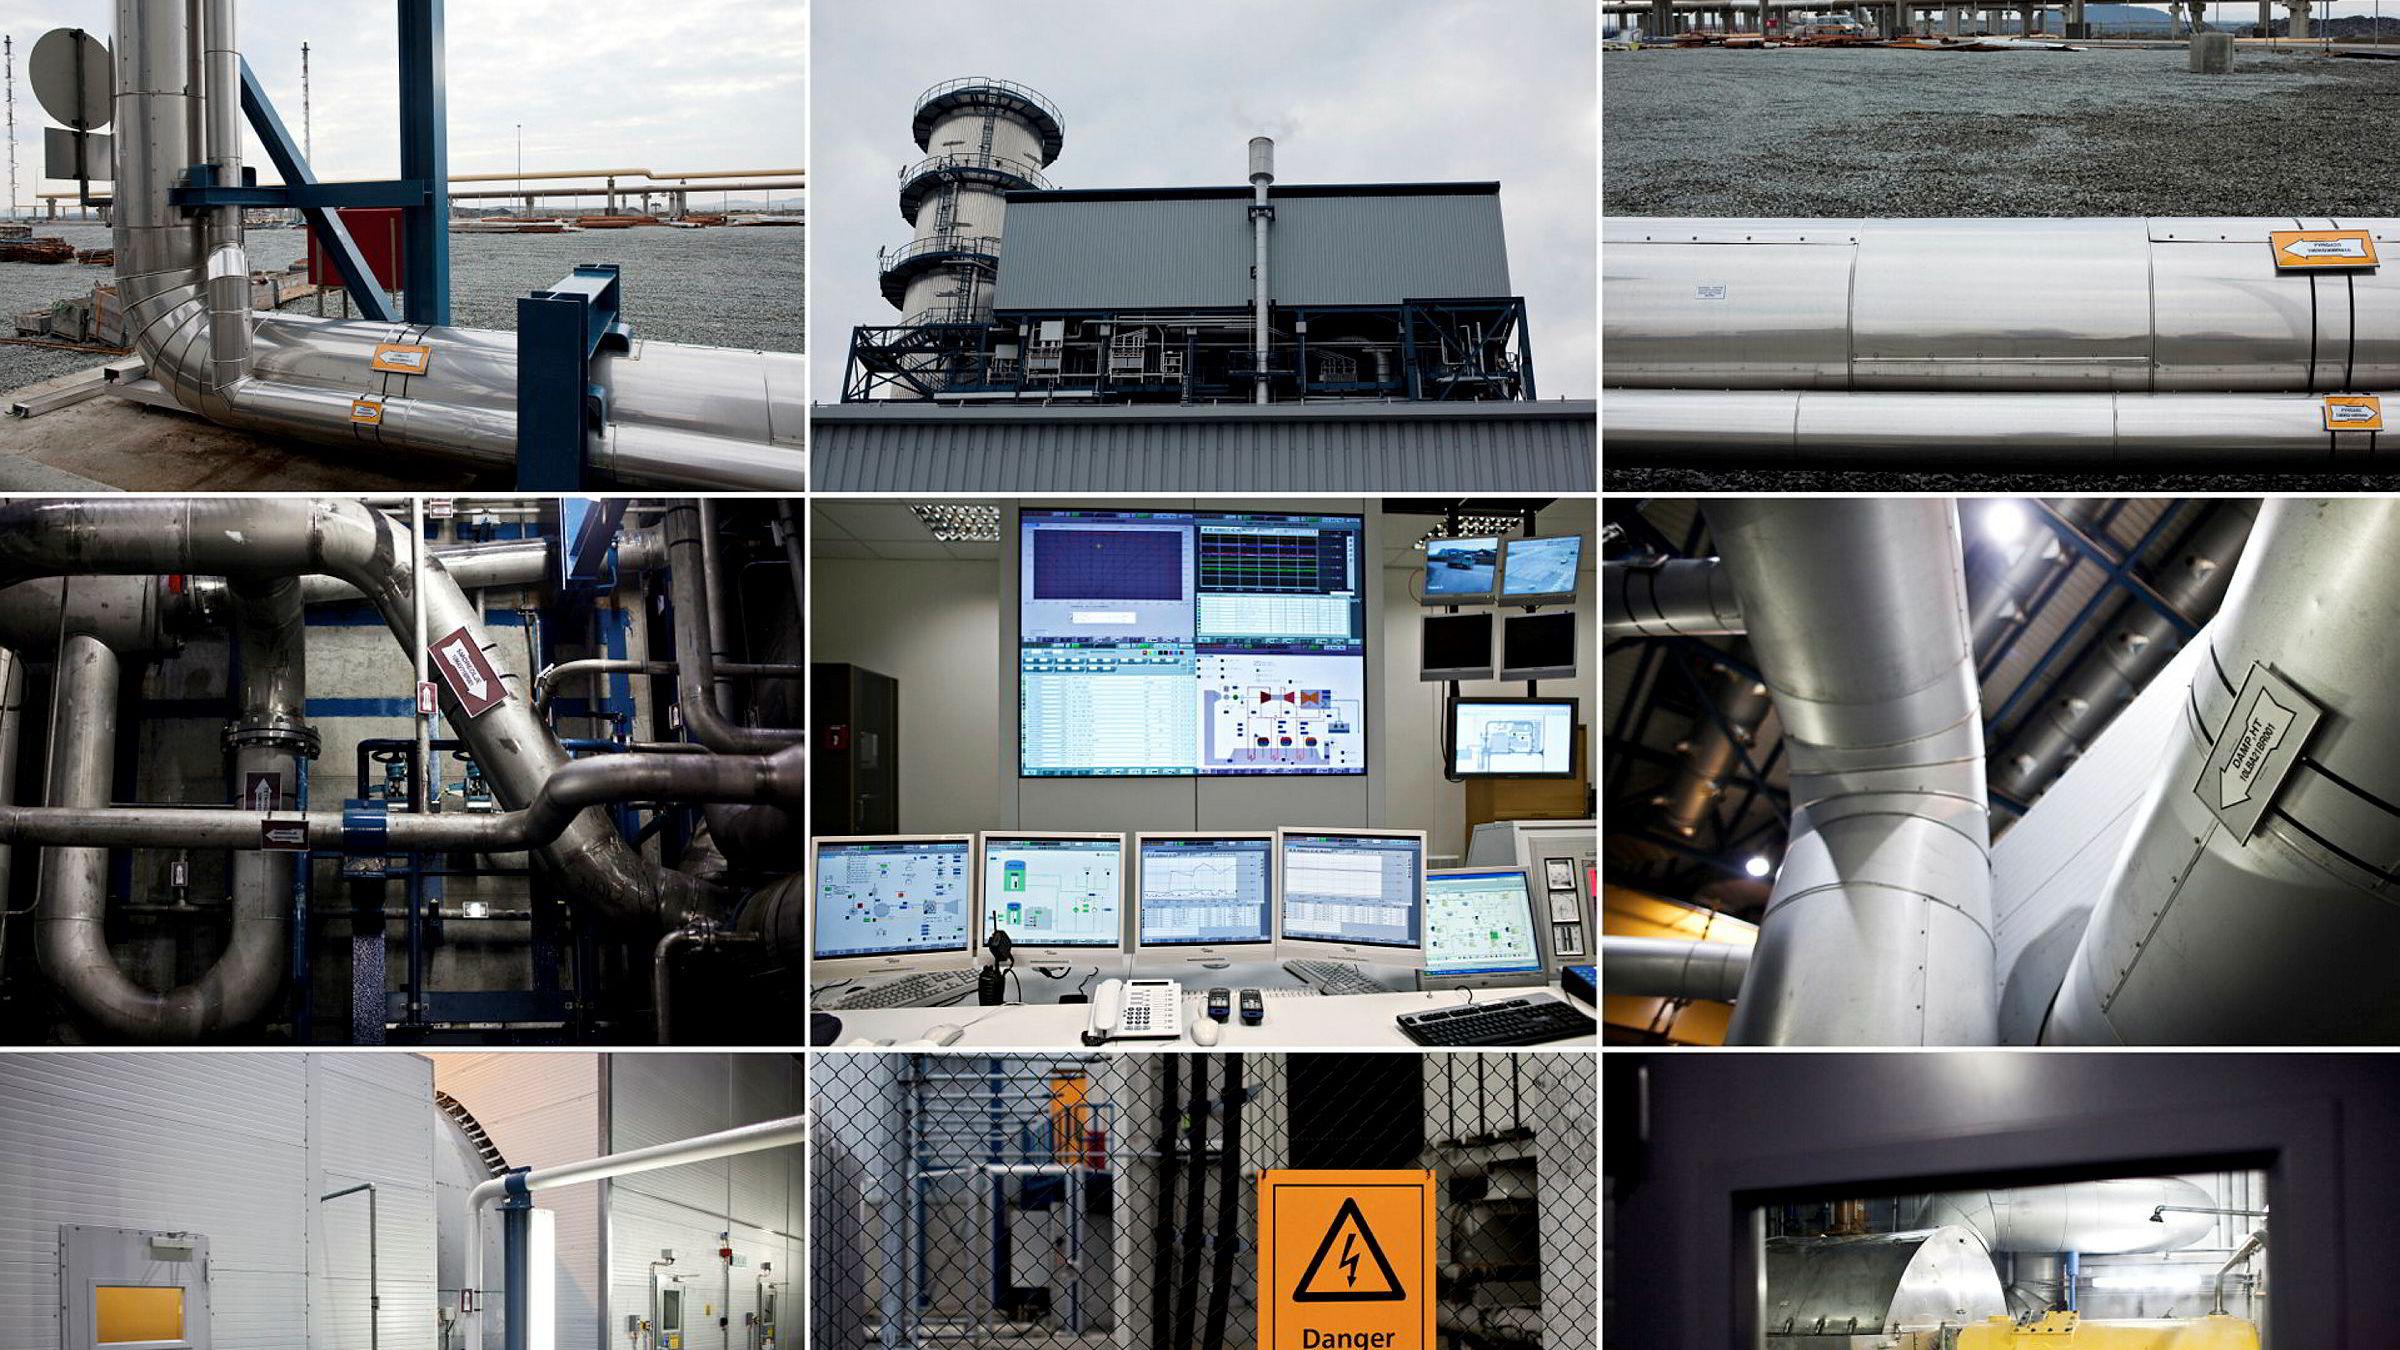 Verdens største gassrørledningssystem – Gassled – fører norsk gass til kontinentet og til Storbritannia. Gassled ble etablert i 2002 av blant andre Petoro og de fire store olje- og gasselskapene Statoil, Hydro, ExxonMobil og Total. Her Kårstø-kraftverket.